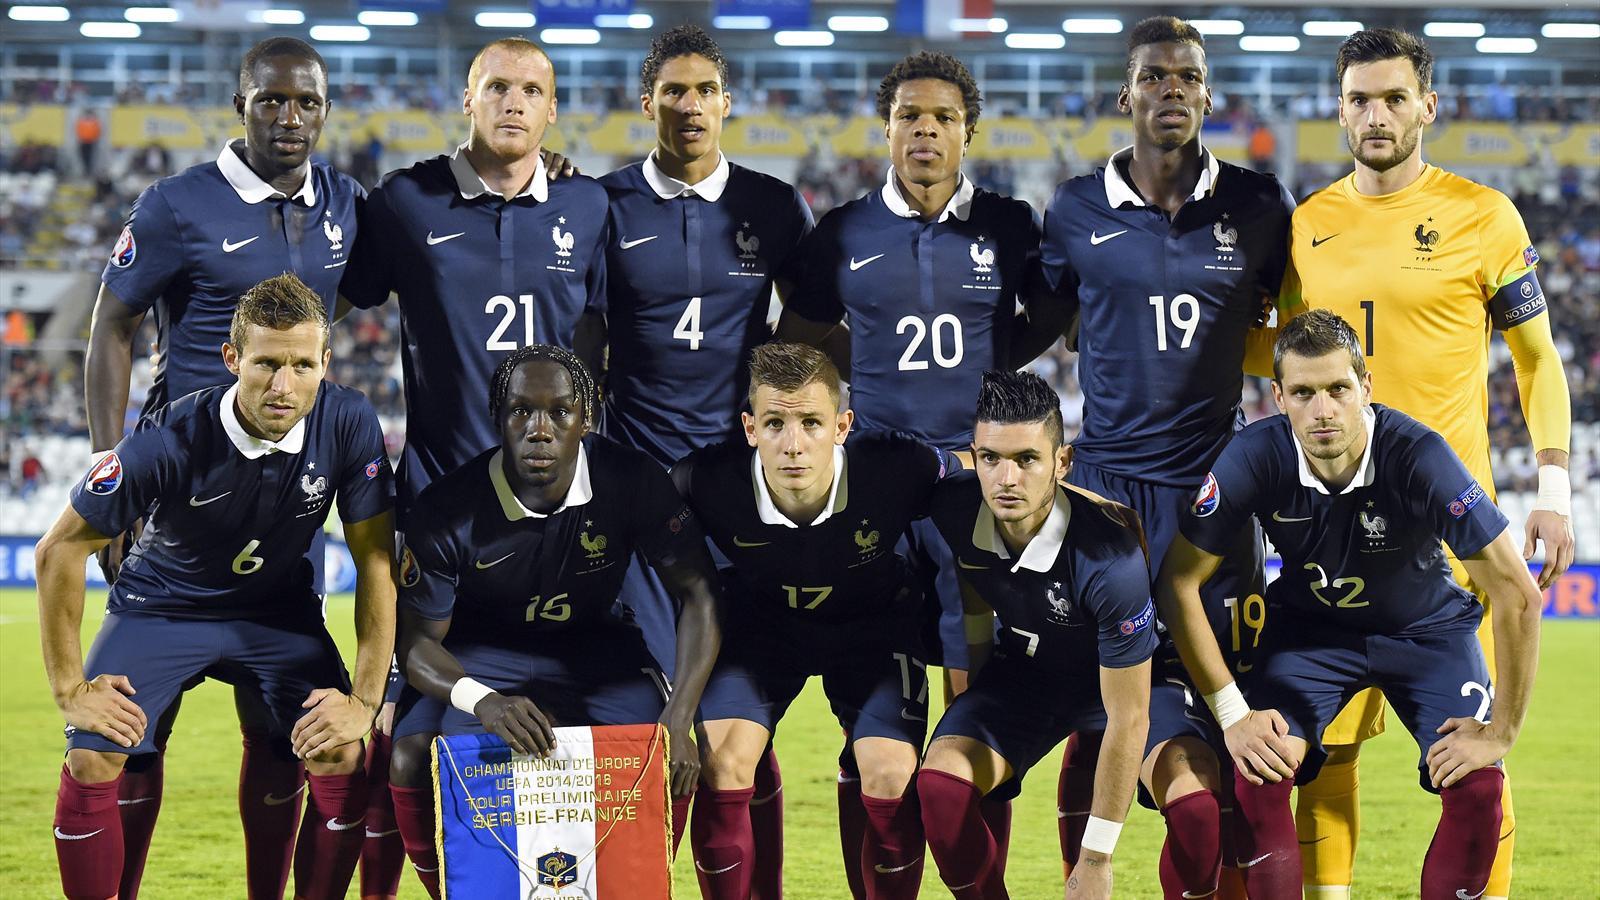 En direct live serbie france matches amicaux 7 septembre 2014 eurosport - Resultat foot coupe d afrique ...